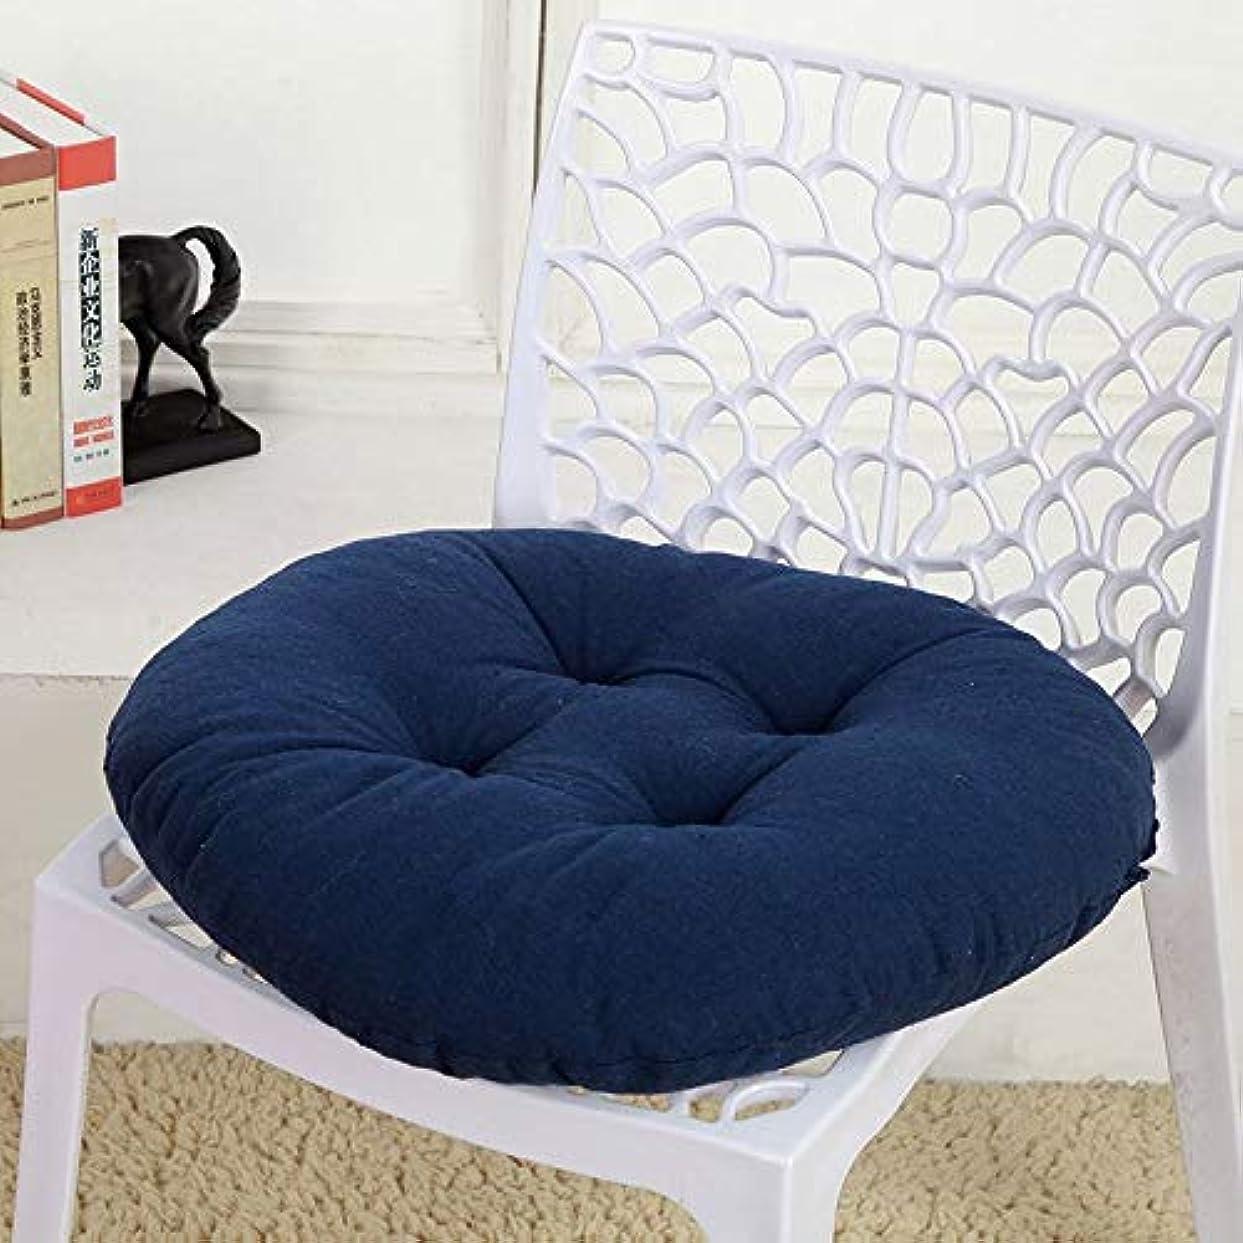 メッシュ病院説得LIFE キャンディカラーのクッションラウンドシートクッション波ウィンドウシートクッションクッション家の装飾パッドラウンド枕シート枕椅子座る枕 クッション 椅子